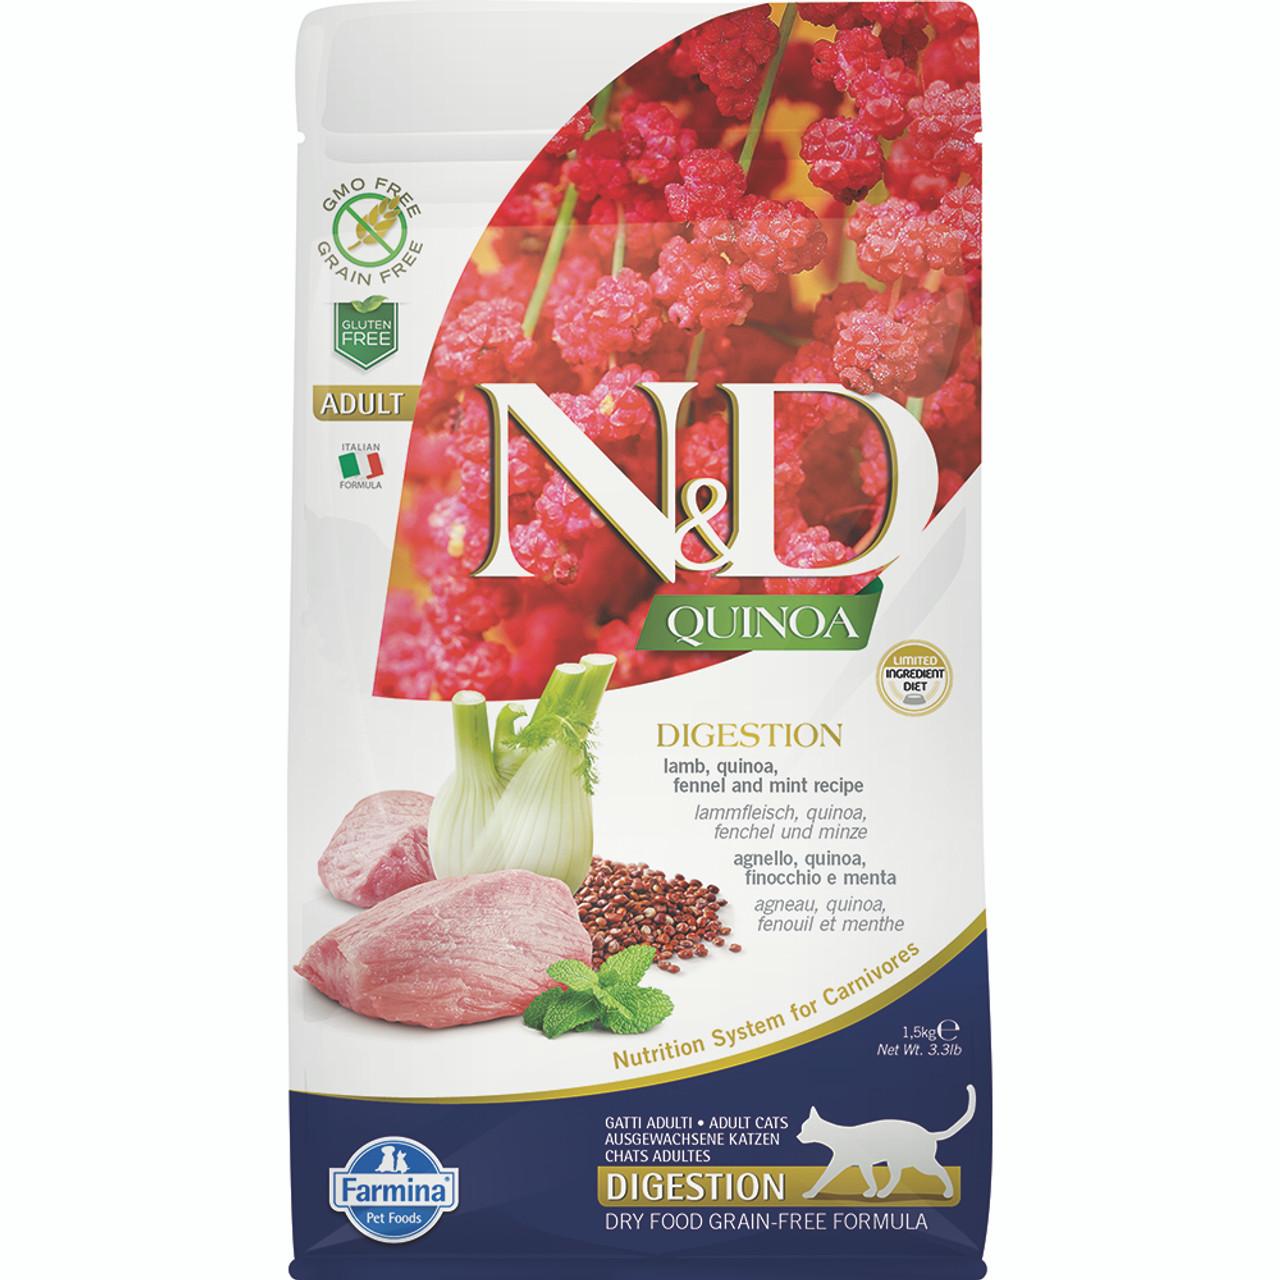 Farmina N&D Quinoa Digestion Lamb, Quinoa, Fennel and Mint Recipe Dry Cat Food